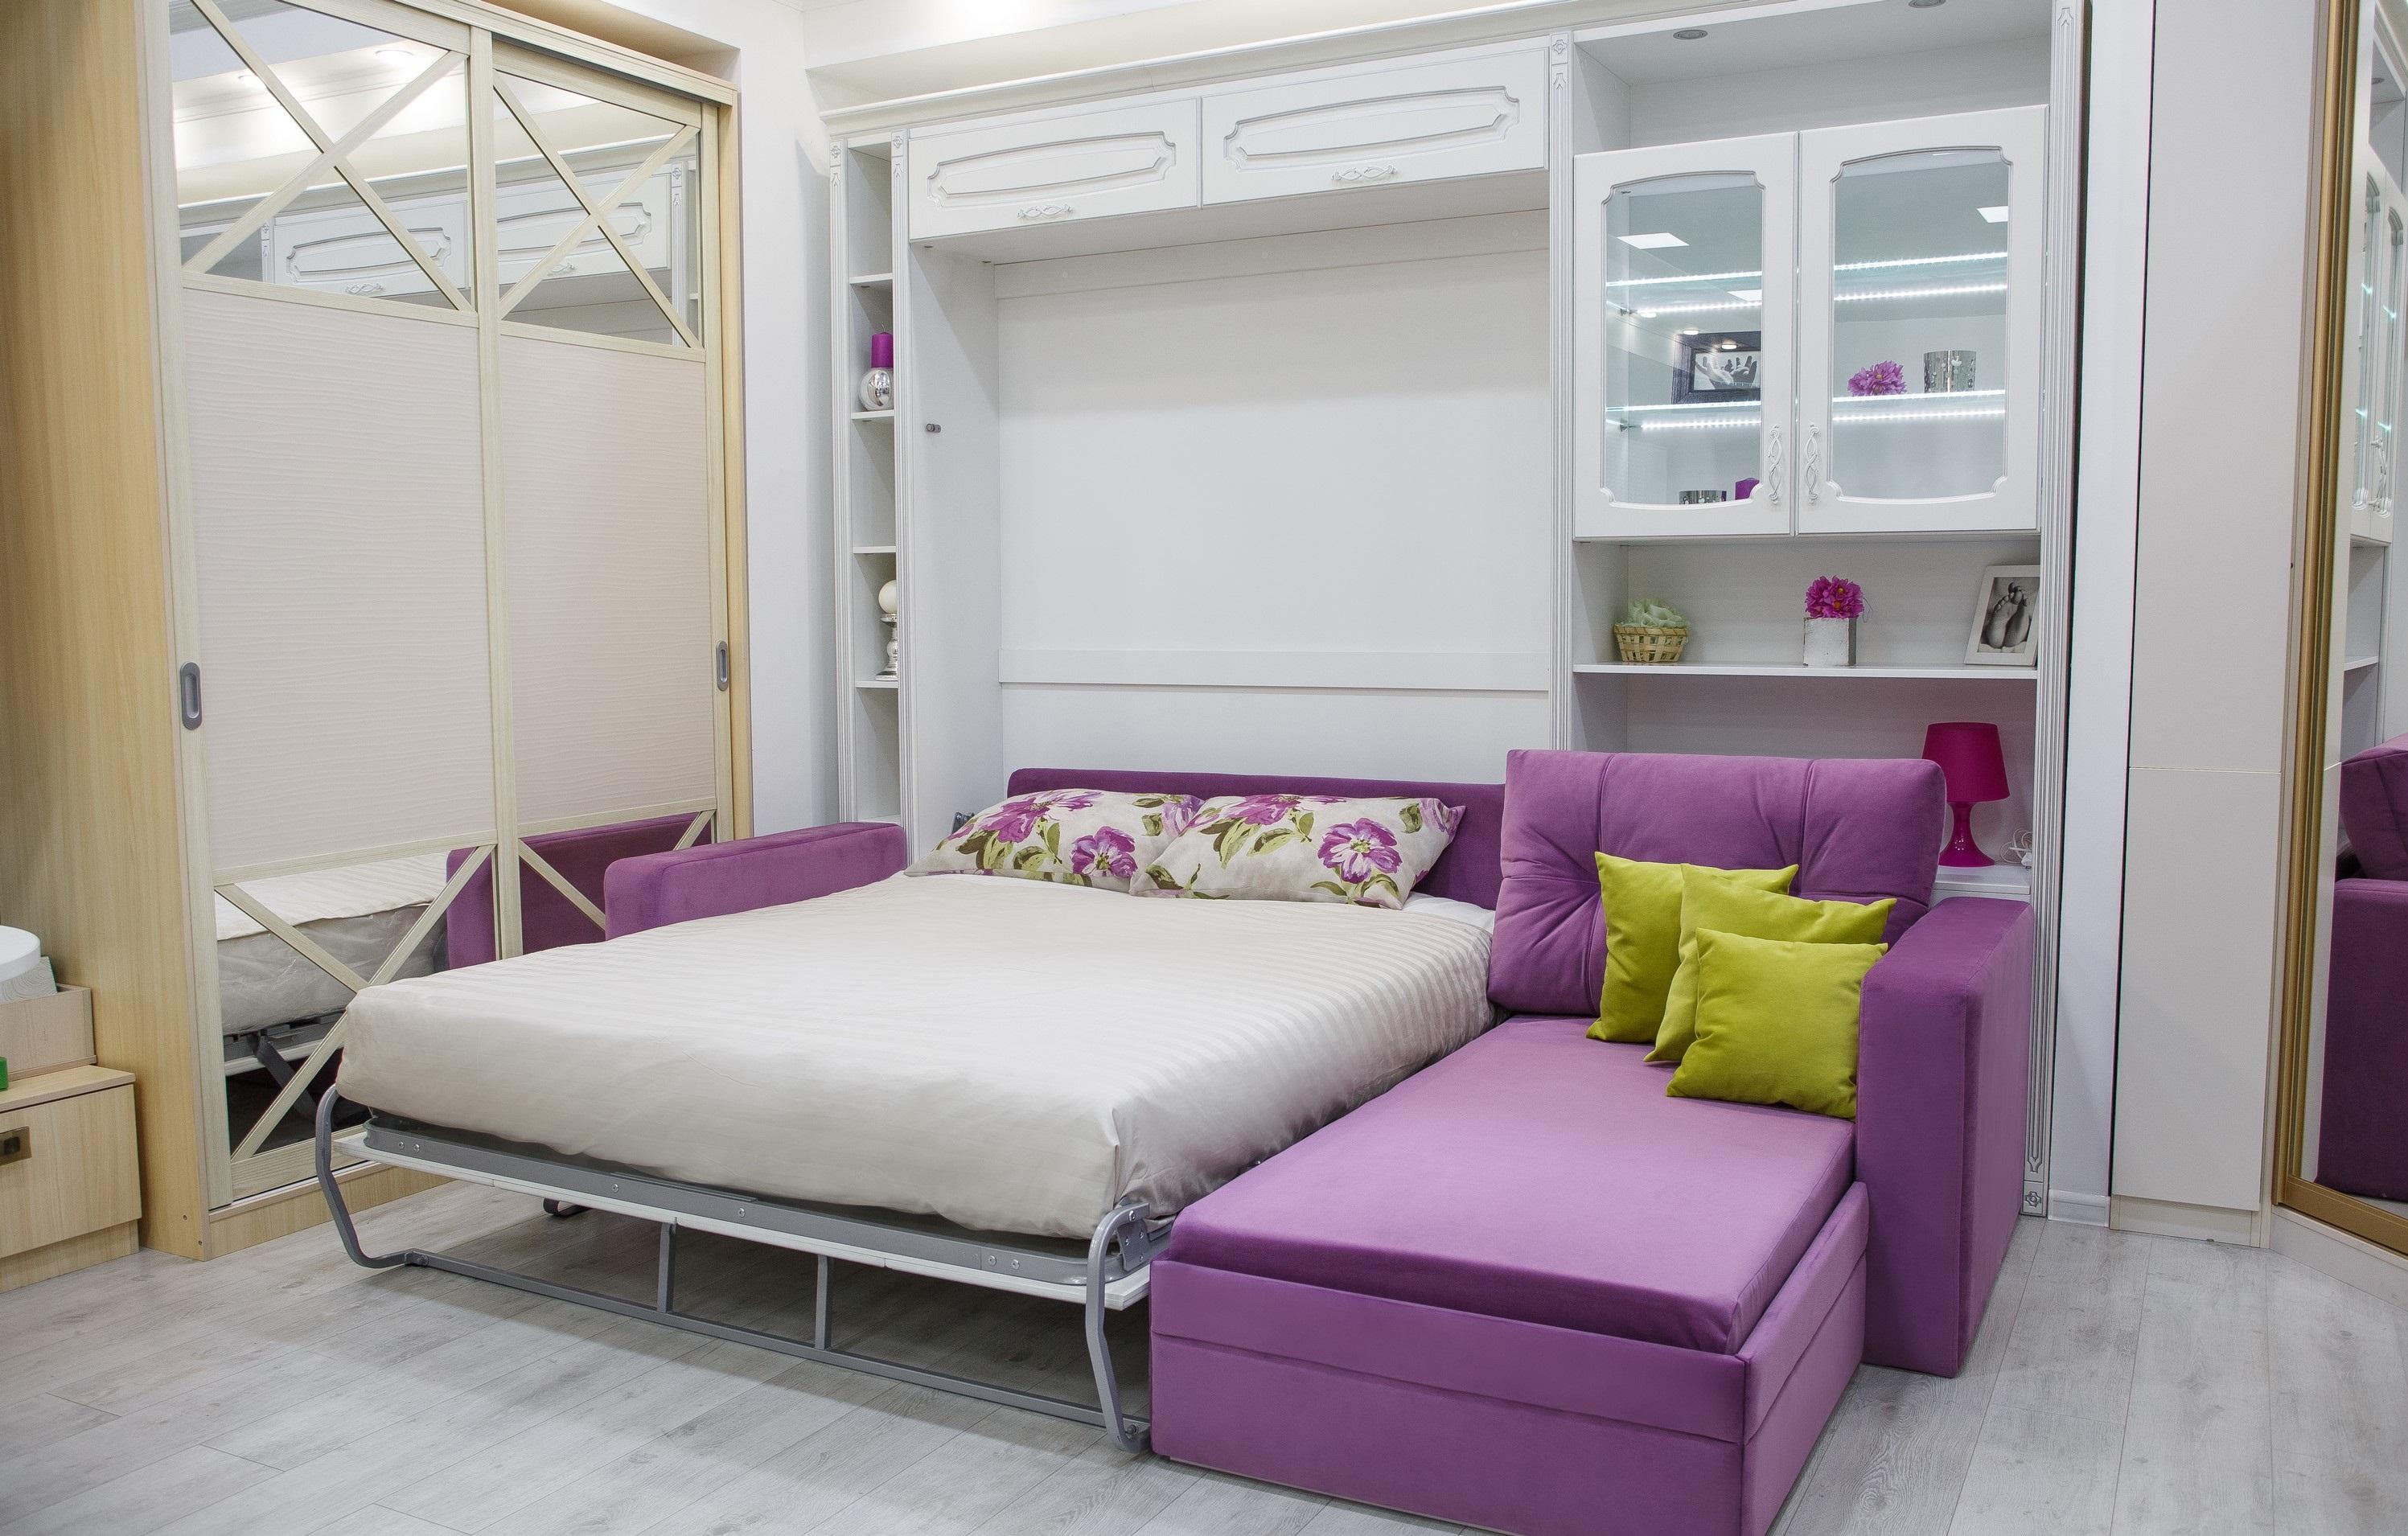 Раскладывающаяся кровать